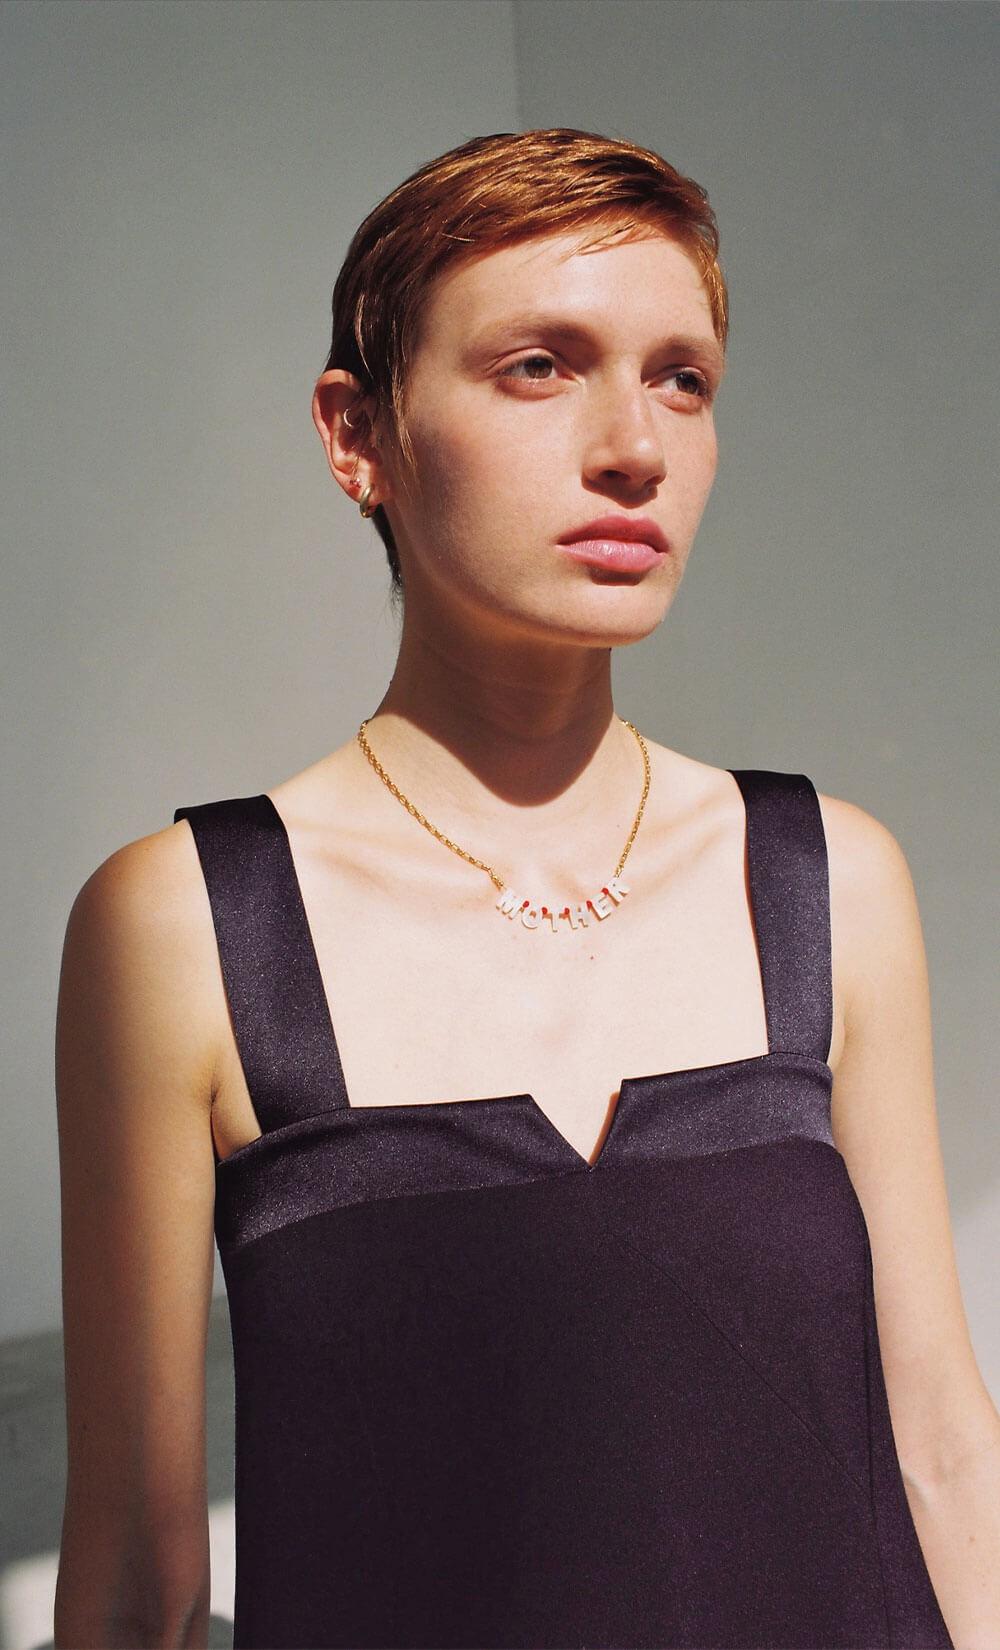 Necklace No.13